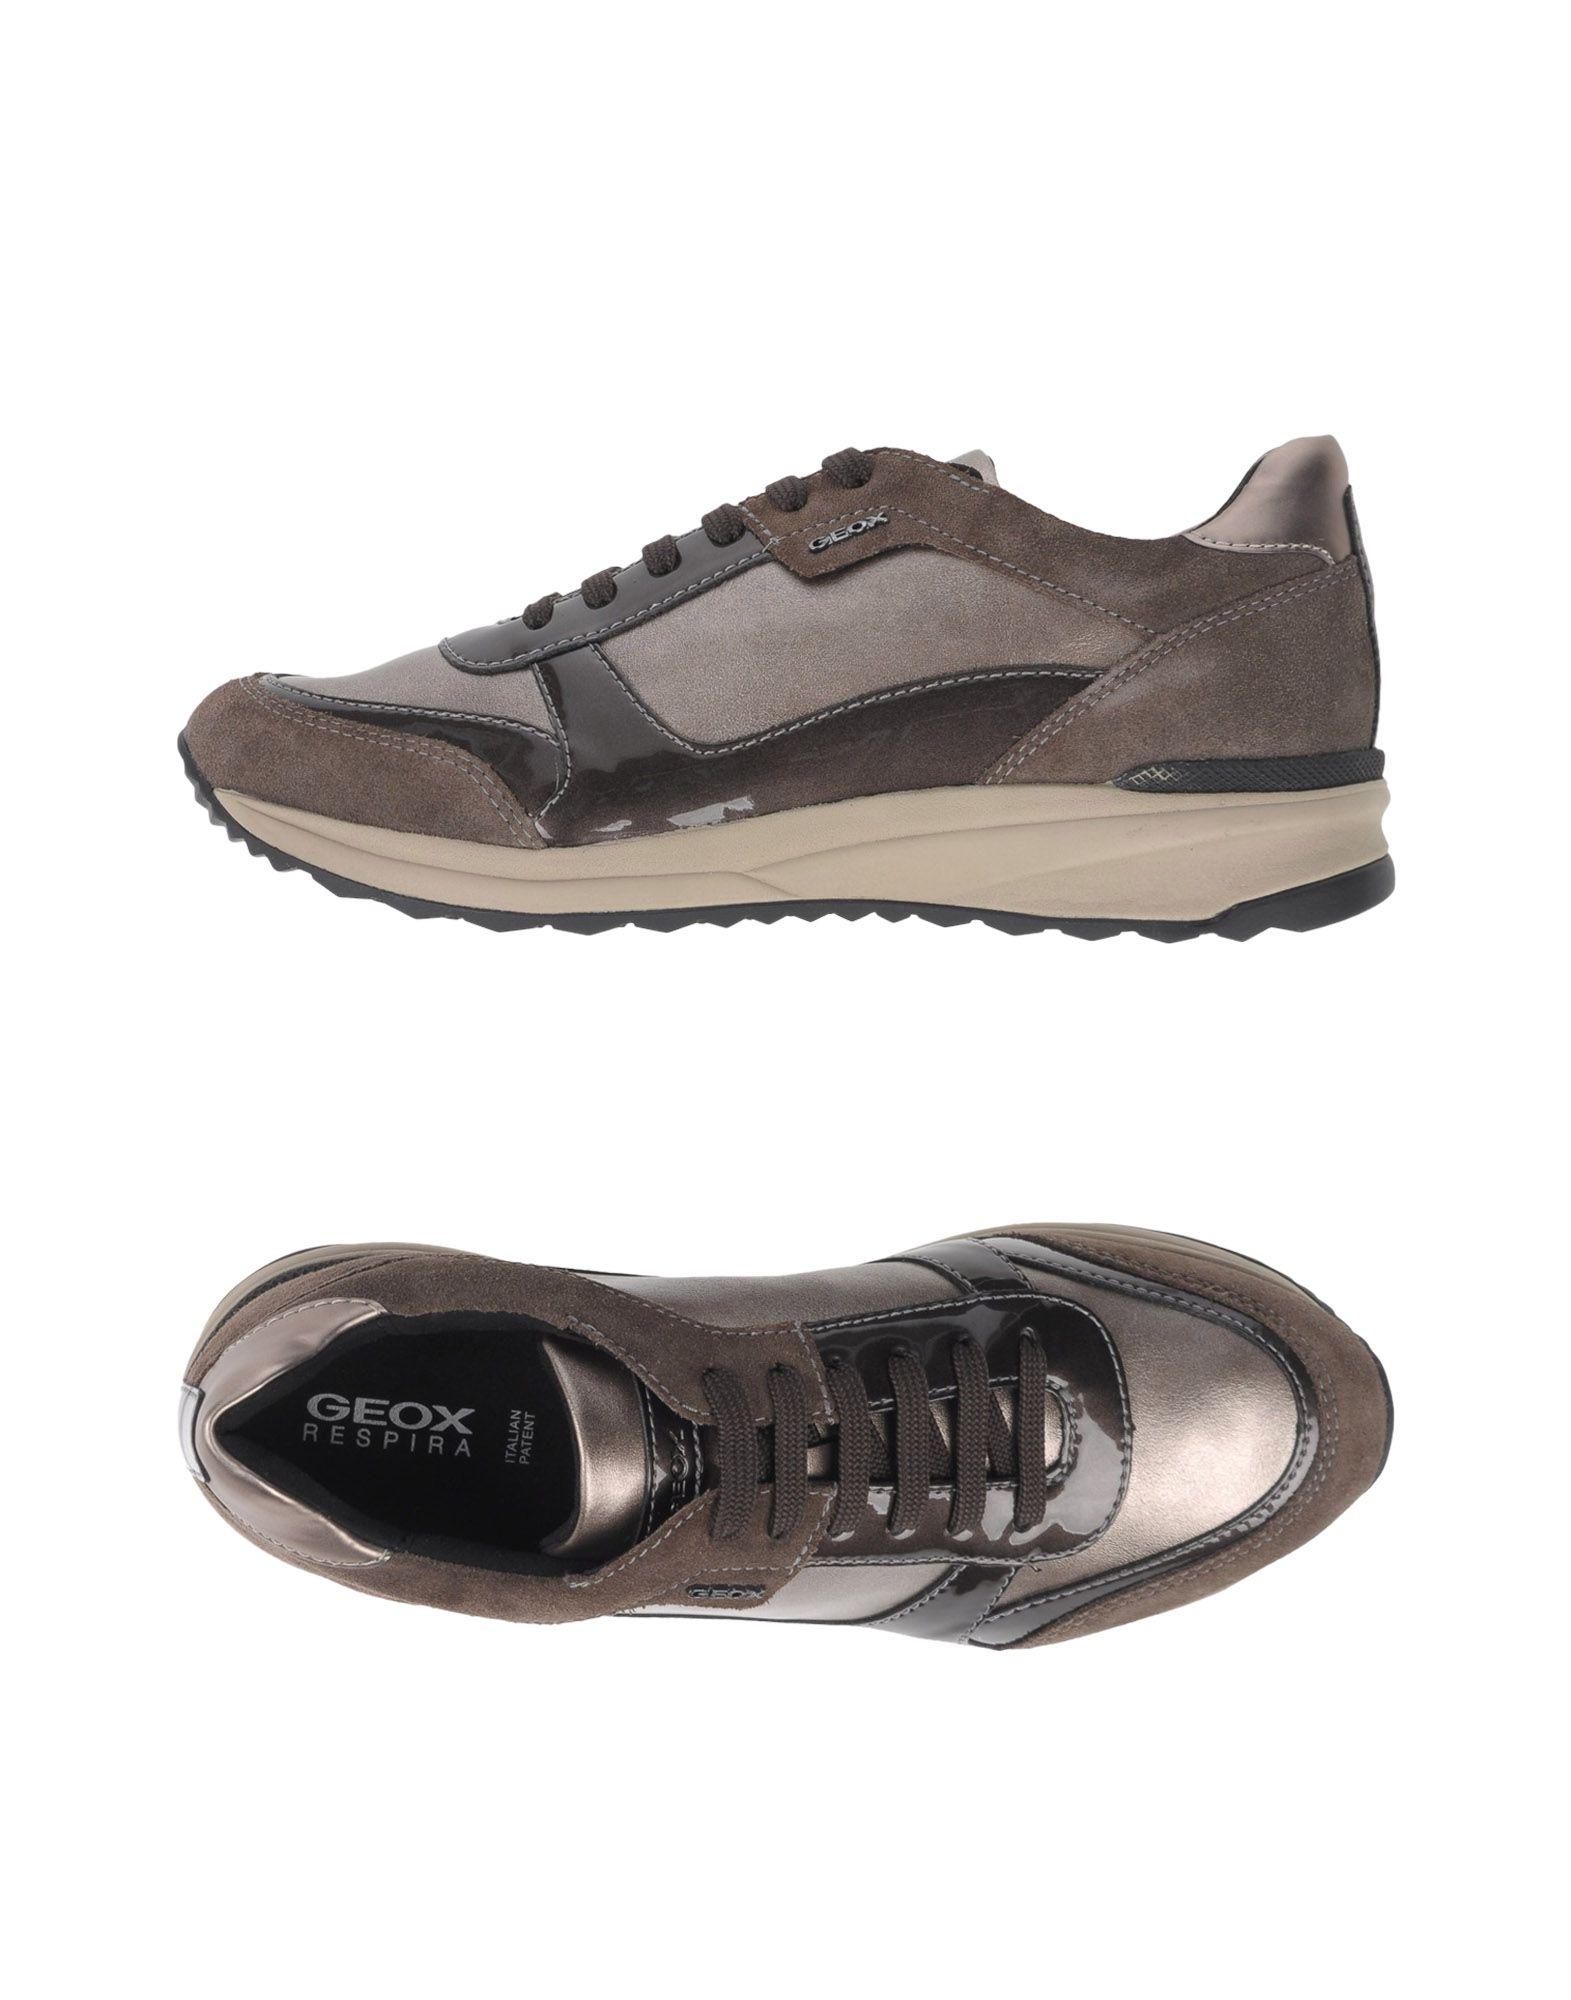 Geox Sneakers - Women Geox Sneakers online 11083921IL on  Australia - 11083921IL online ae3050